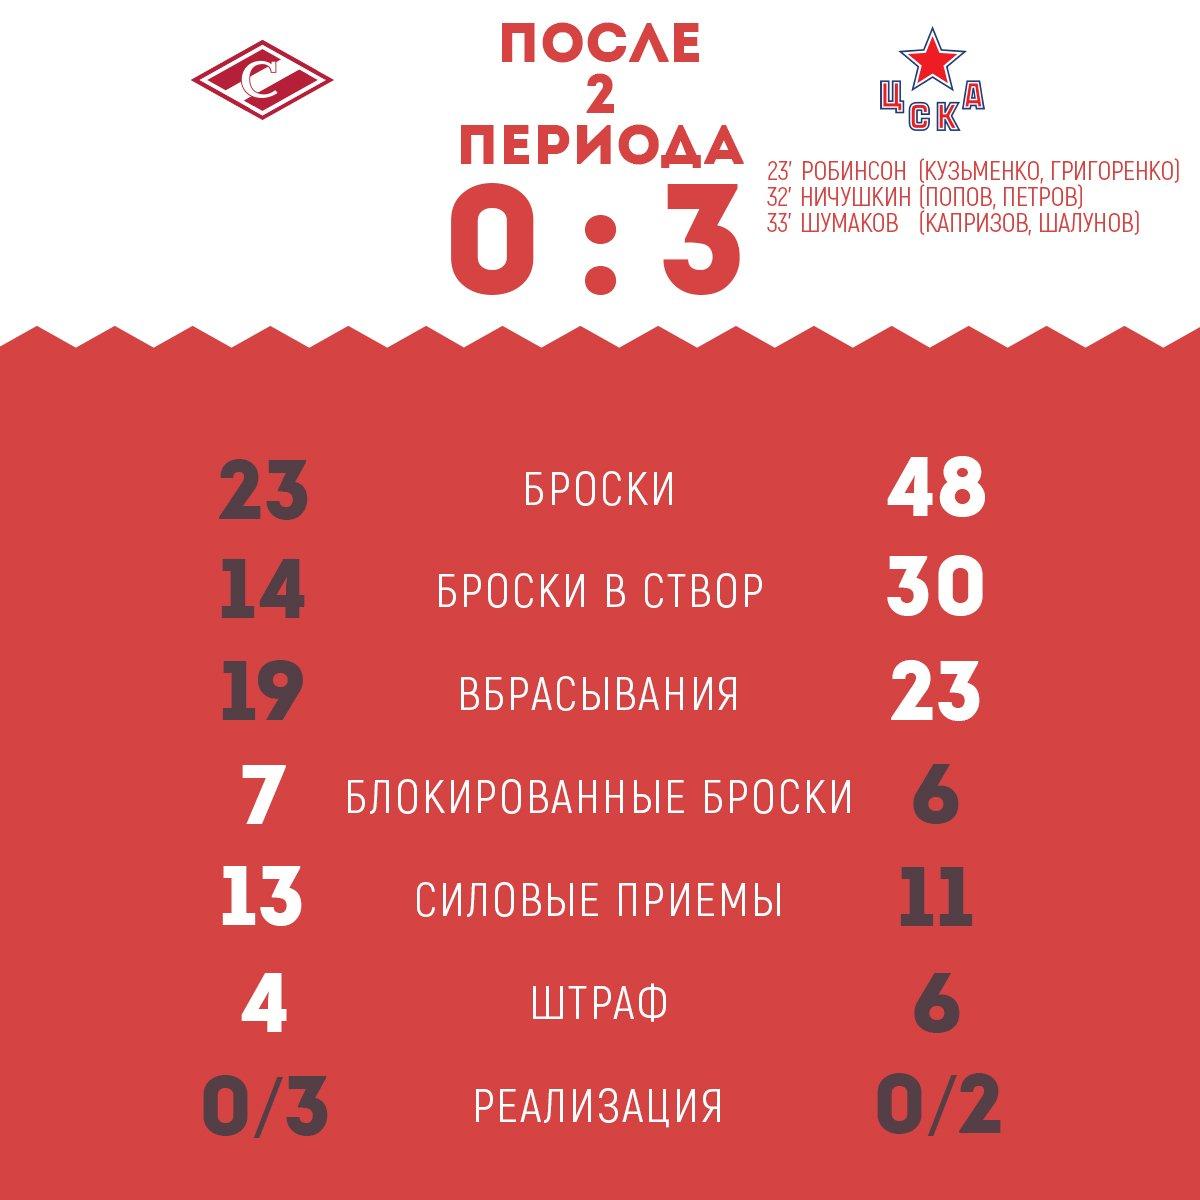 Статистика матча «Спартак» vs ЦСКА после 2-х периодов